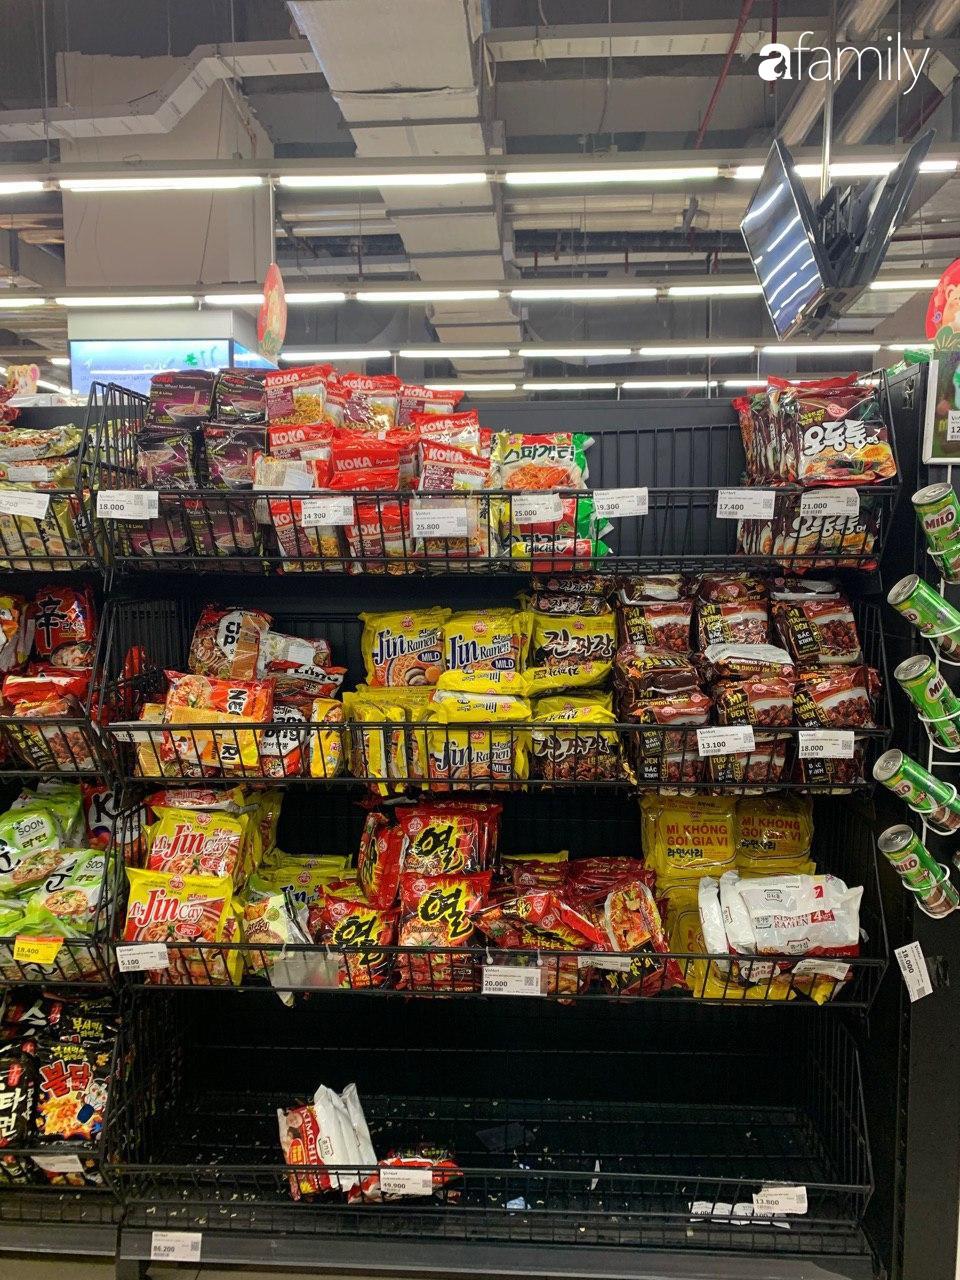 Hà Nội: Siêu thị tan hoang ngày 29 Tết, đồ tươi sống - bánh kẹo đã cháy hàng - 8